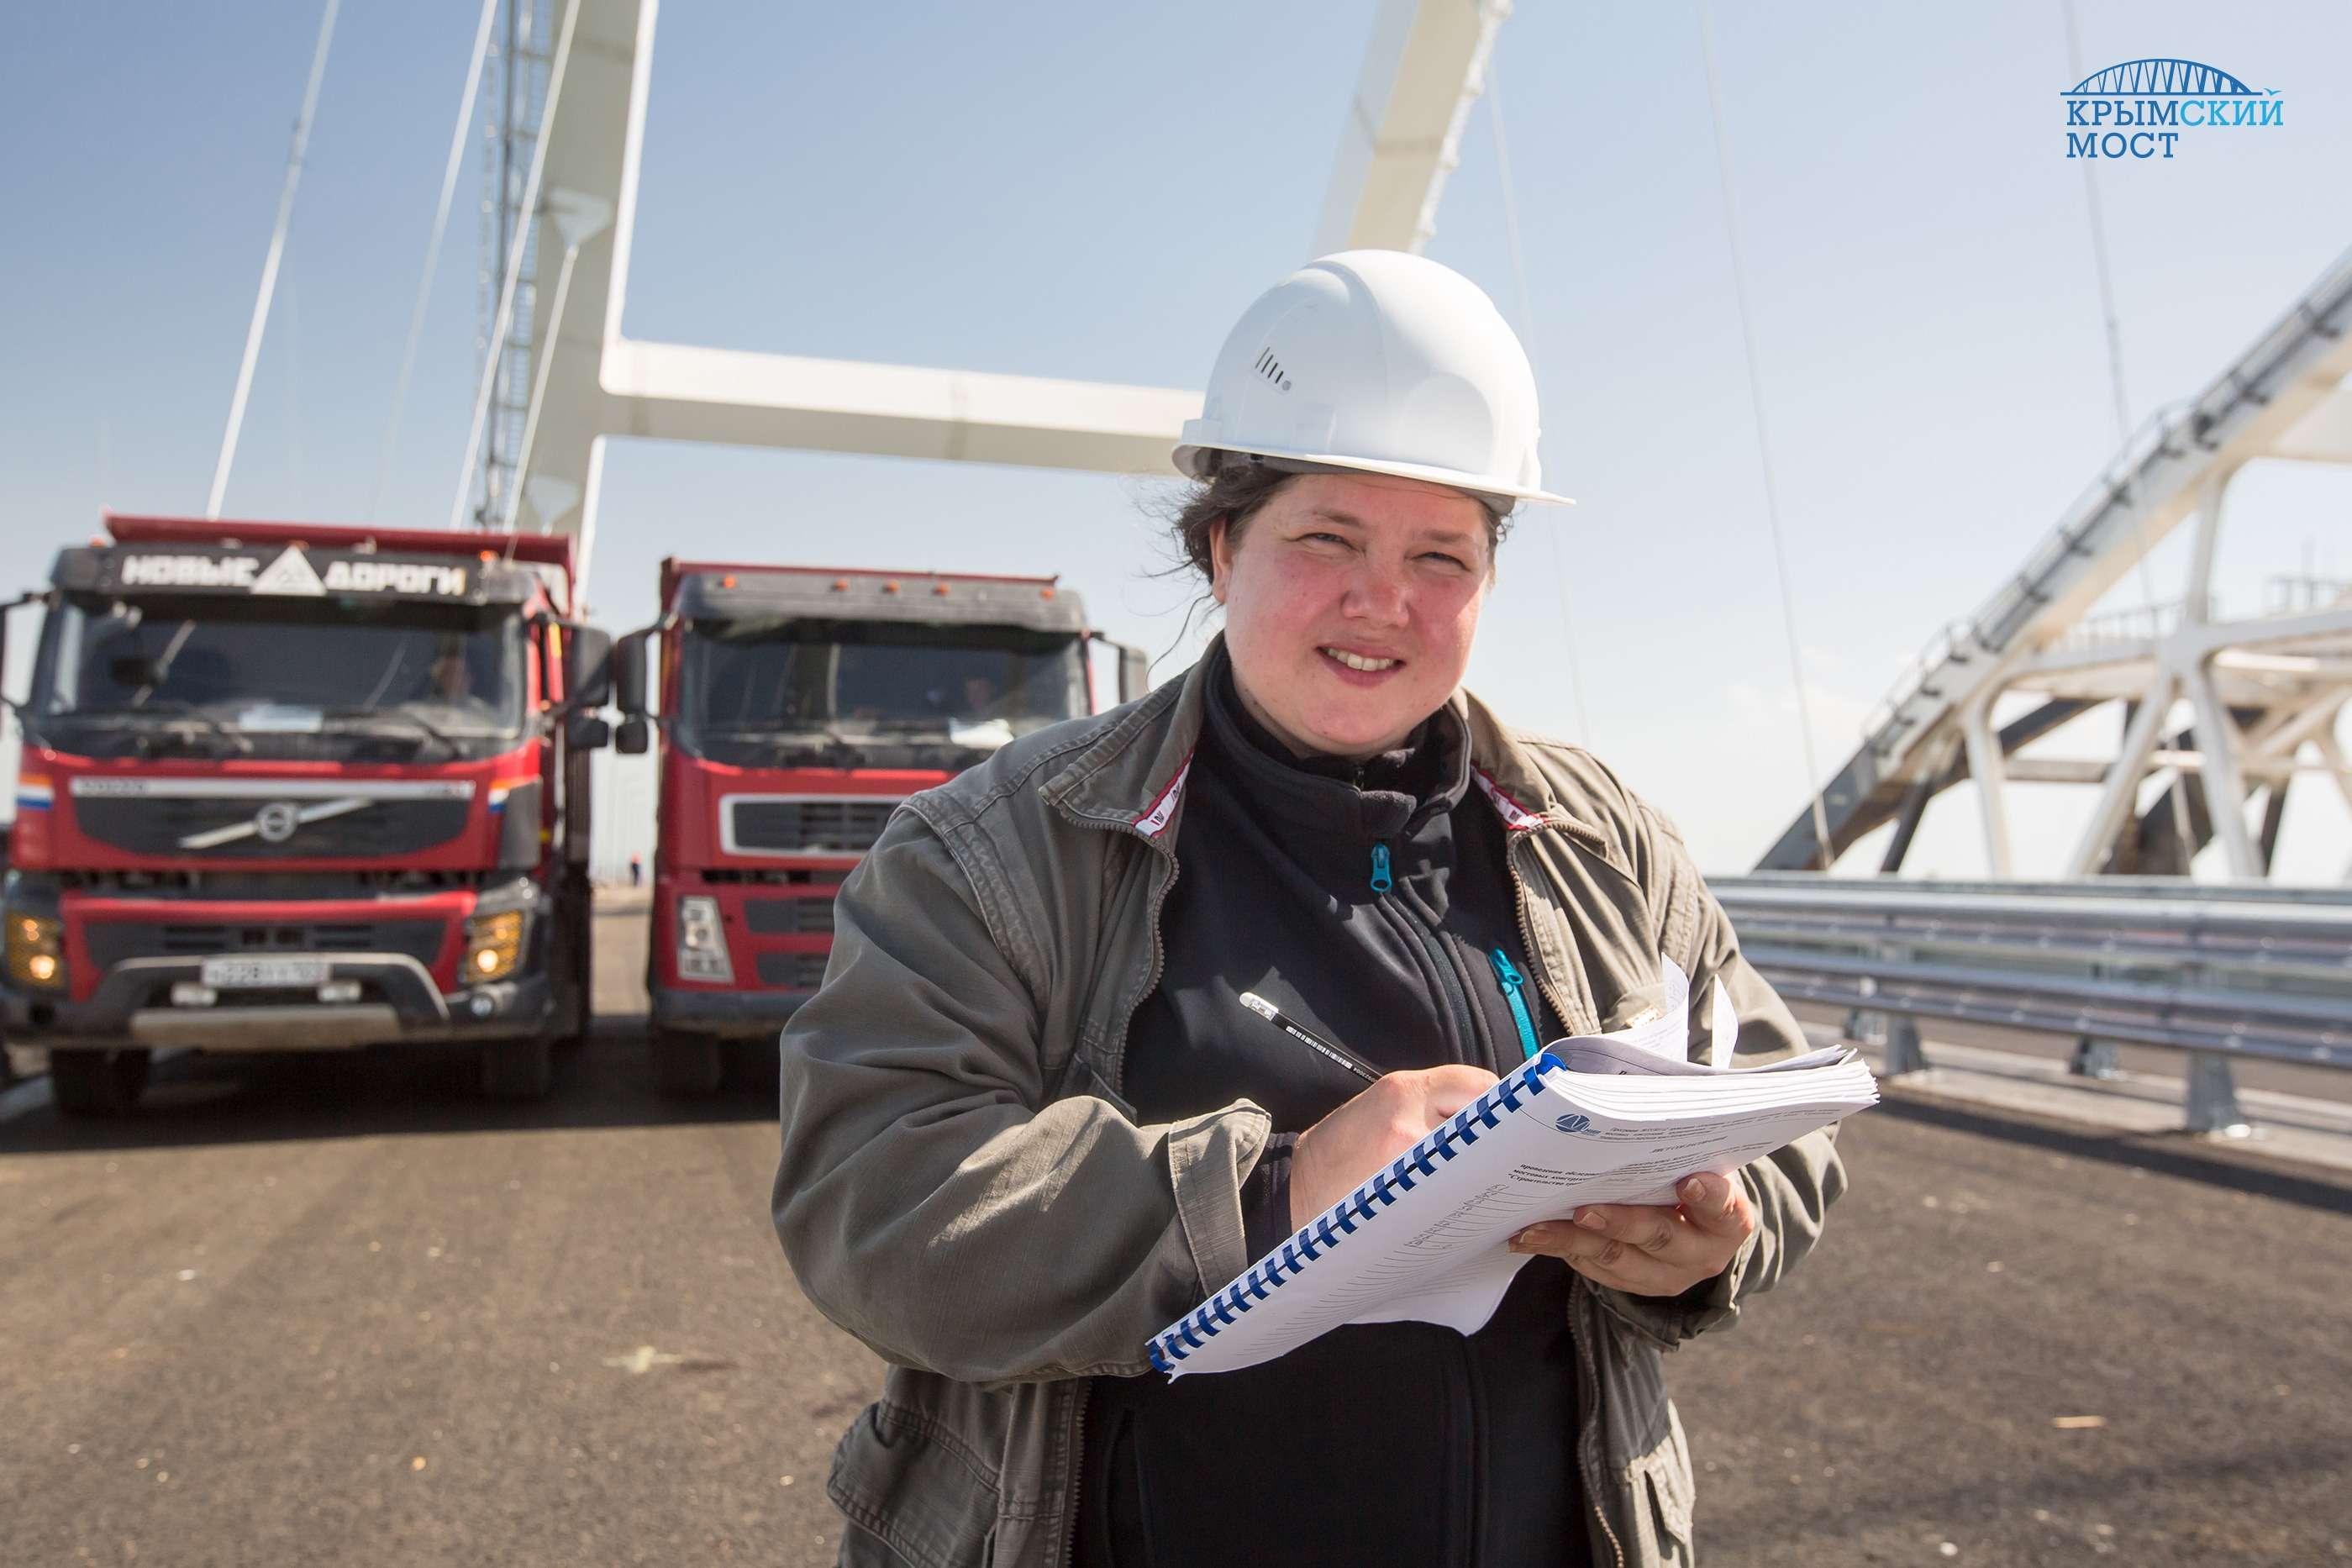 Крымский мост прошел официальные испытания. Скоро поедем!— фото 866051